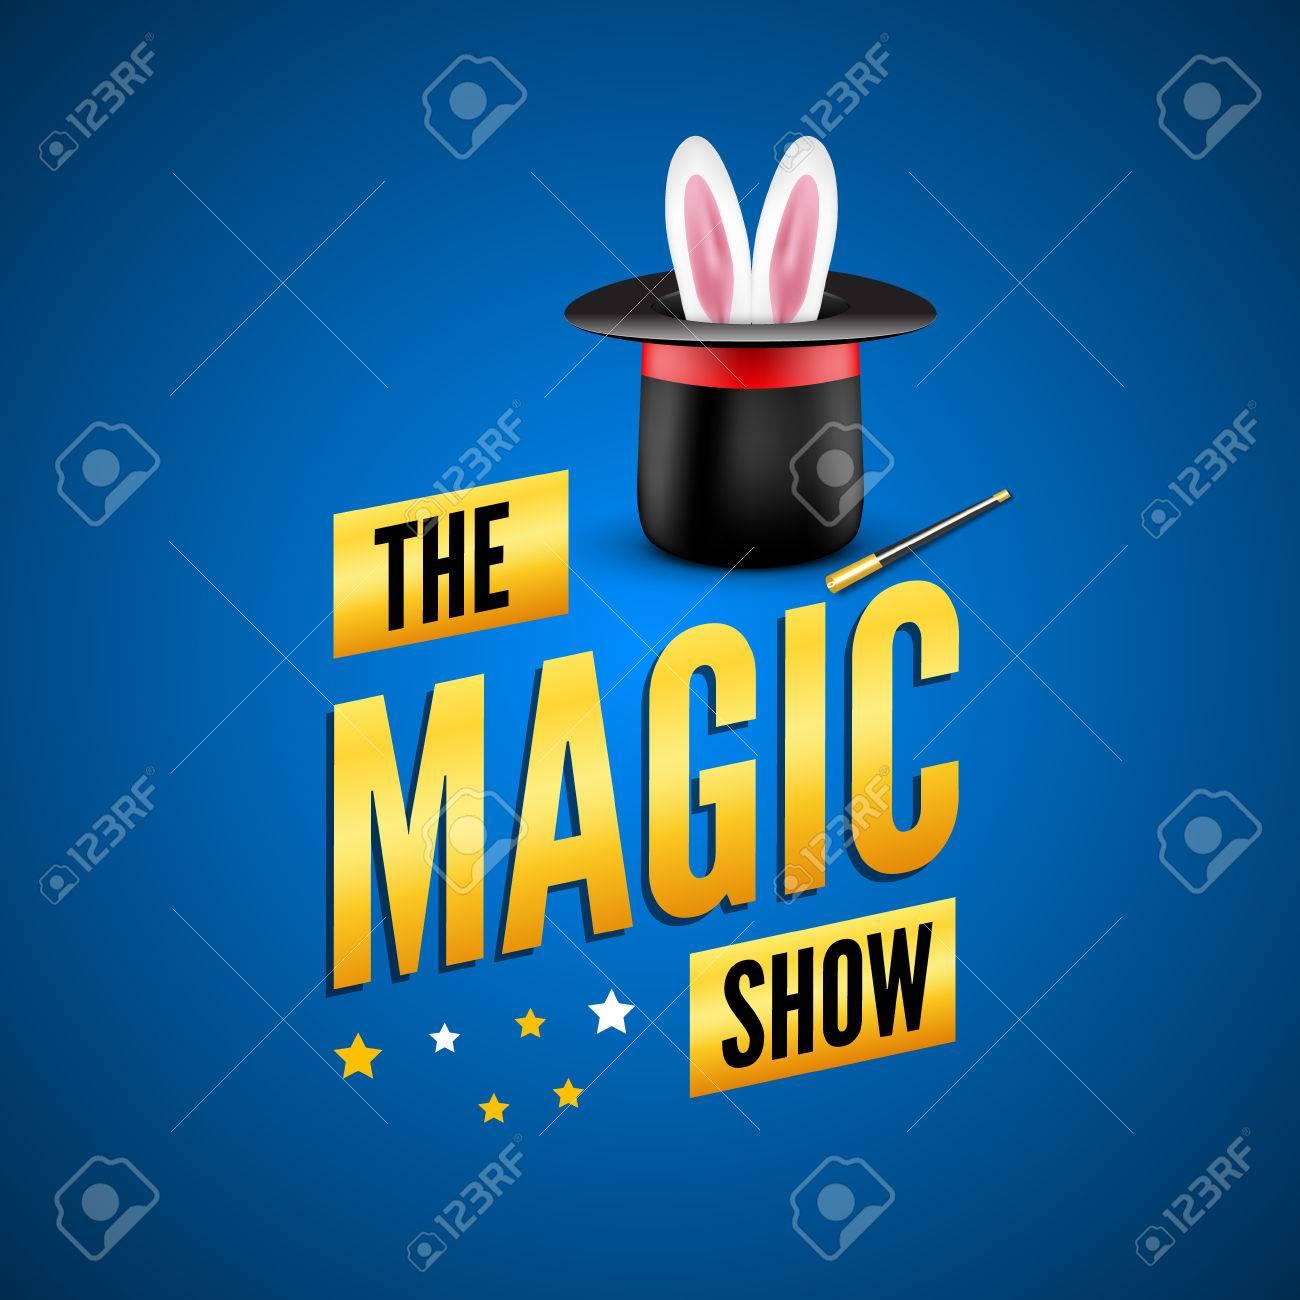 Foto de archivo - Plantilla de diseño de cartel mágico. logotipo concepto  mago con sombrero 43adf5ff00d